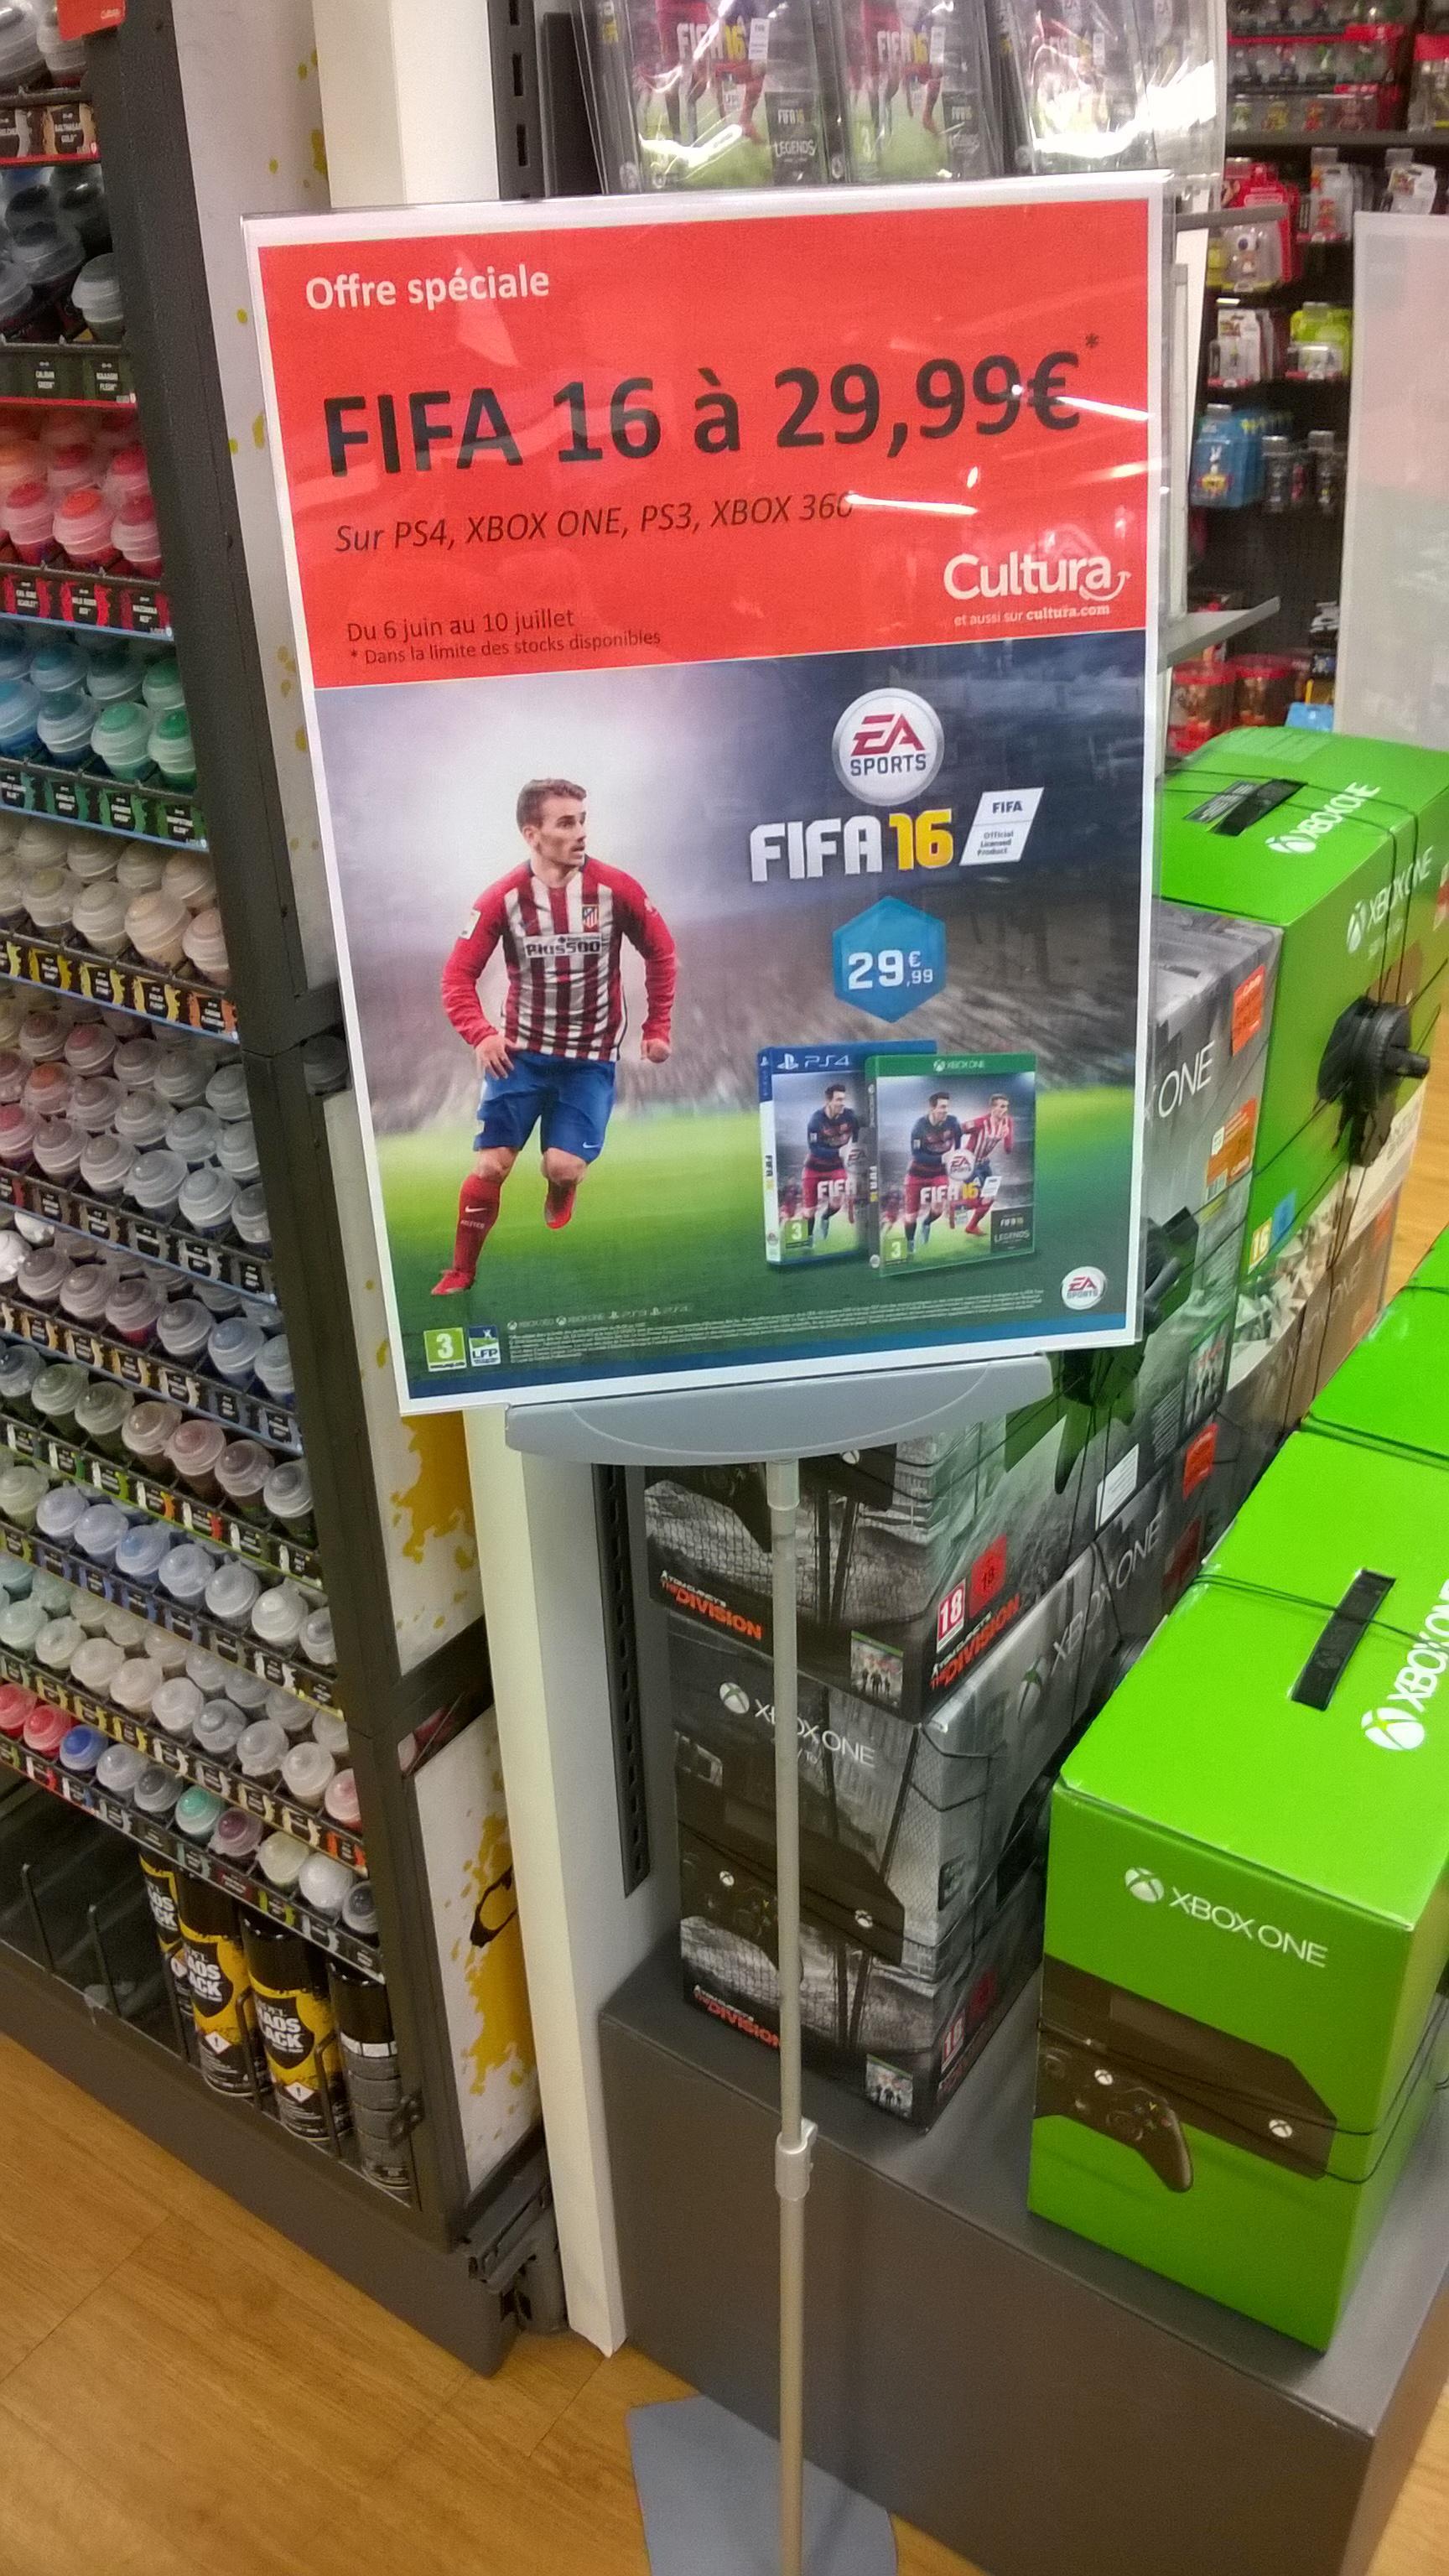 Fifa 16 sur PS4 ou Xbox One